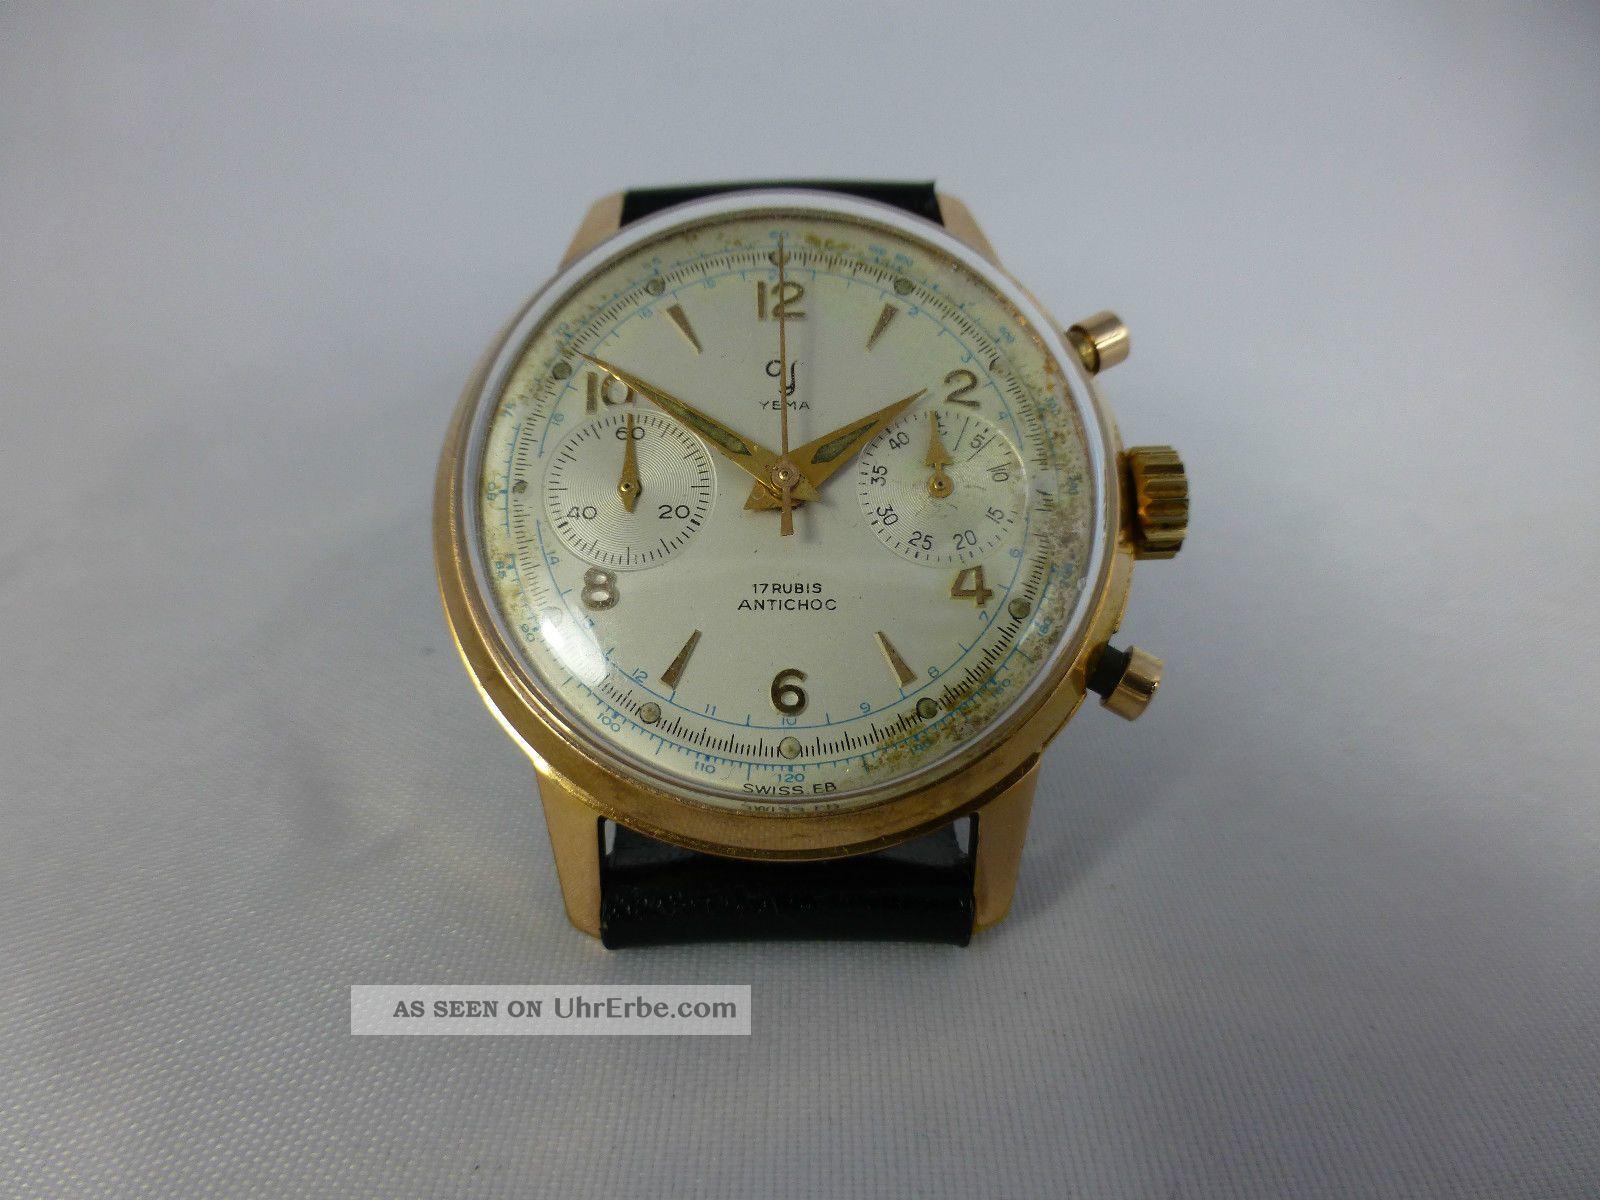 Yema Schaltradchronograph Valjoux 92,  Vergold.  Geh. ,  Handaufzug,  Vintage 1920 - 70 Armbanduhren Bild